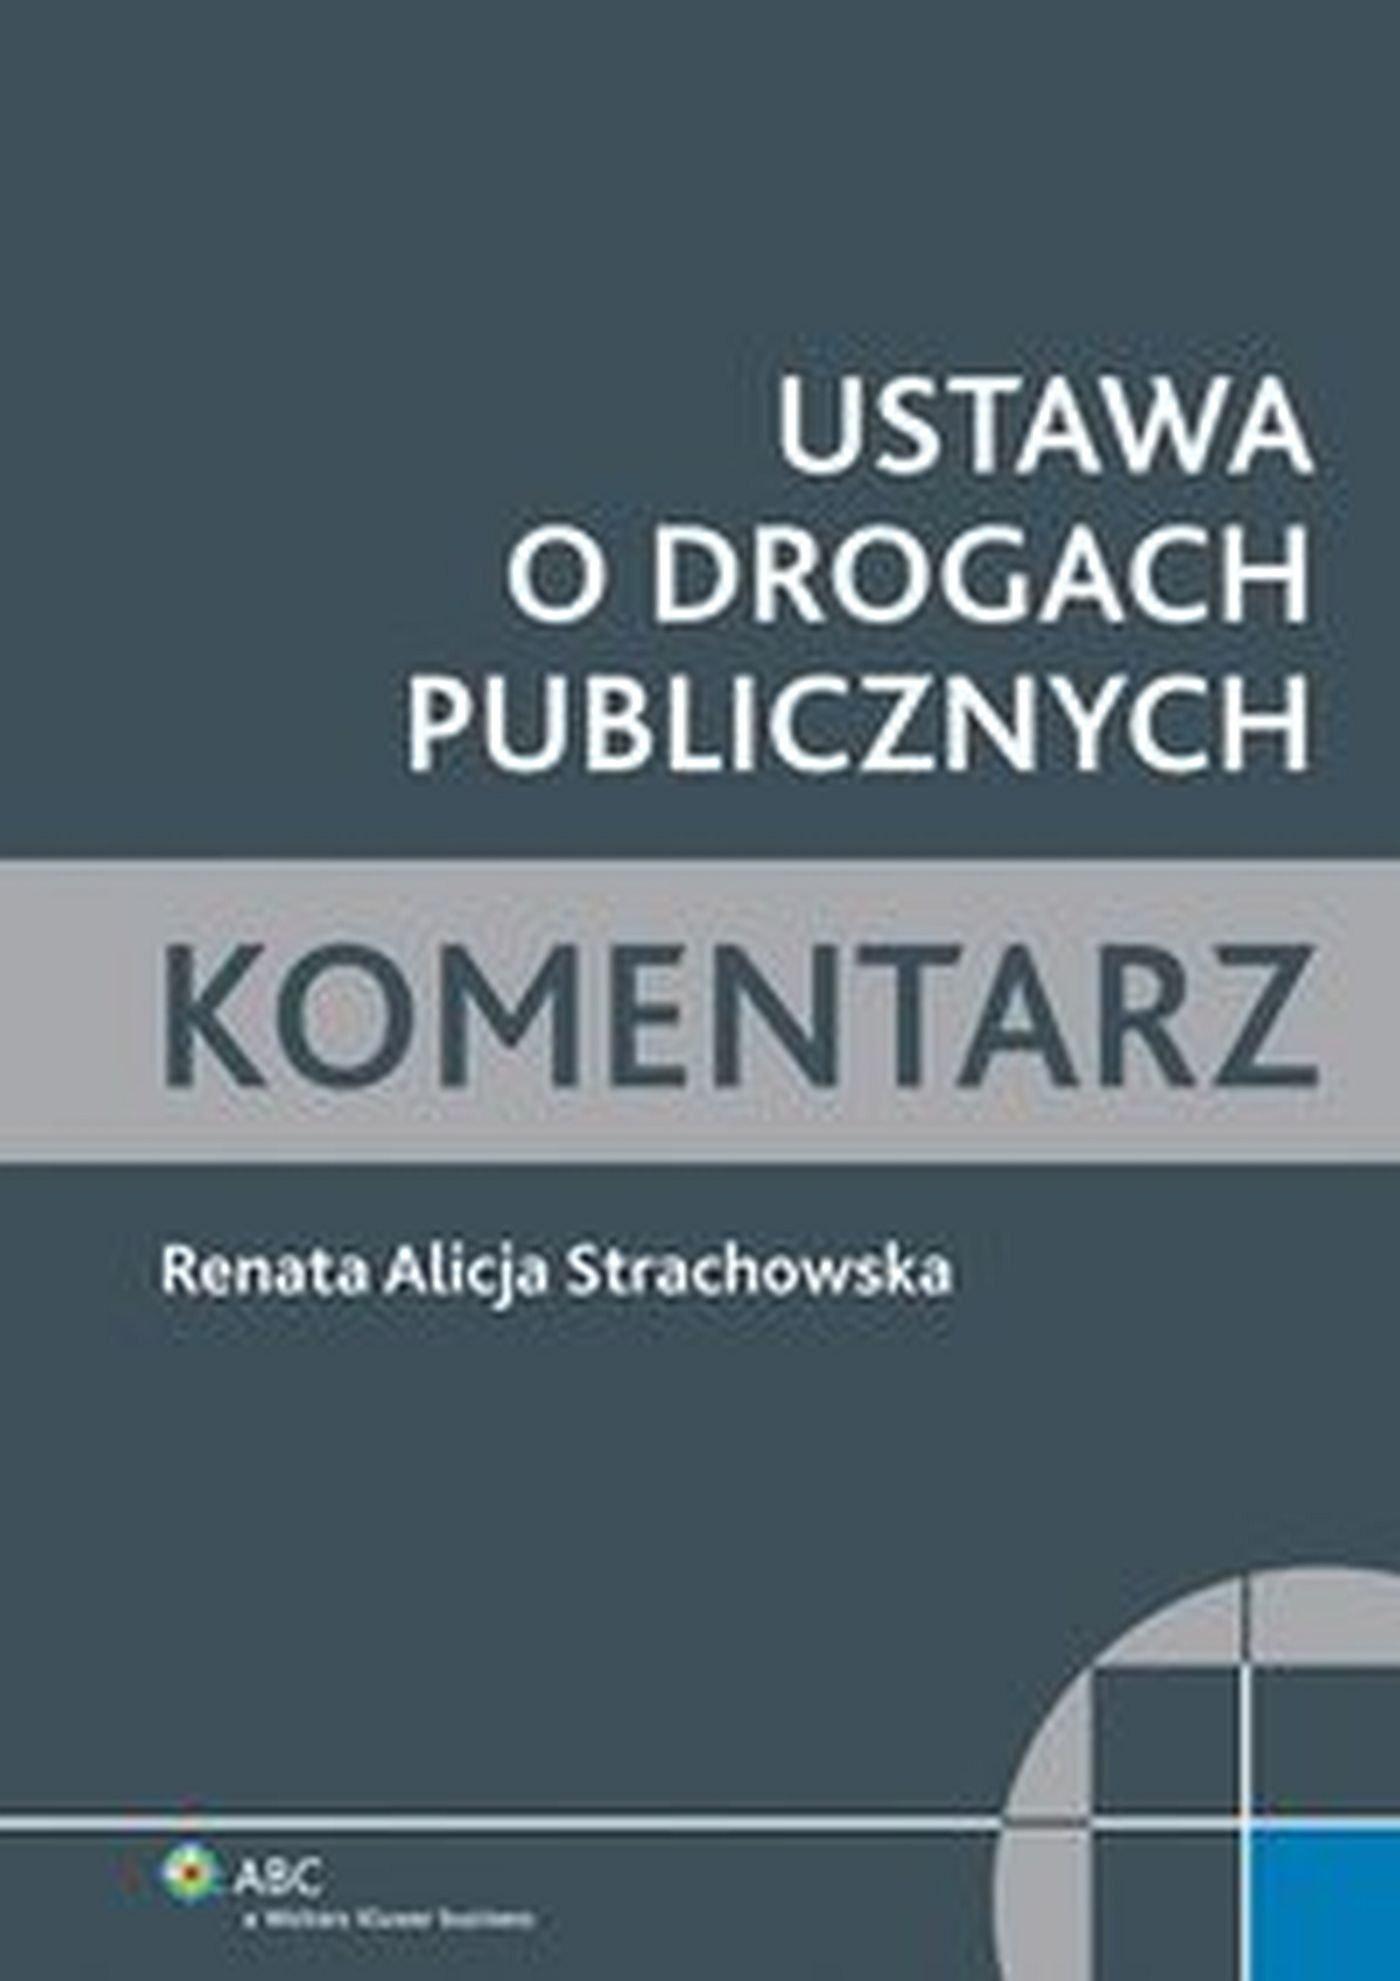 Ustawa o drogach publicznych. Komentarz - Ebook (Książka EPUB) do pobrania w formacie EPUB